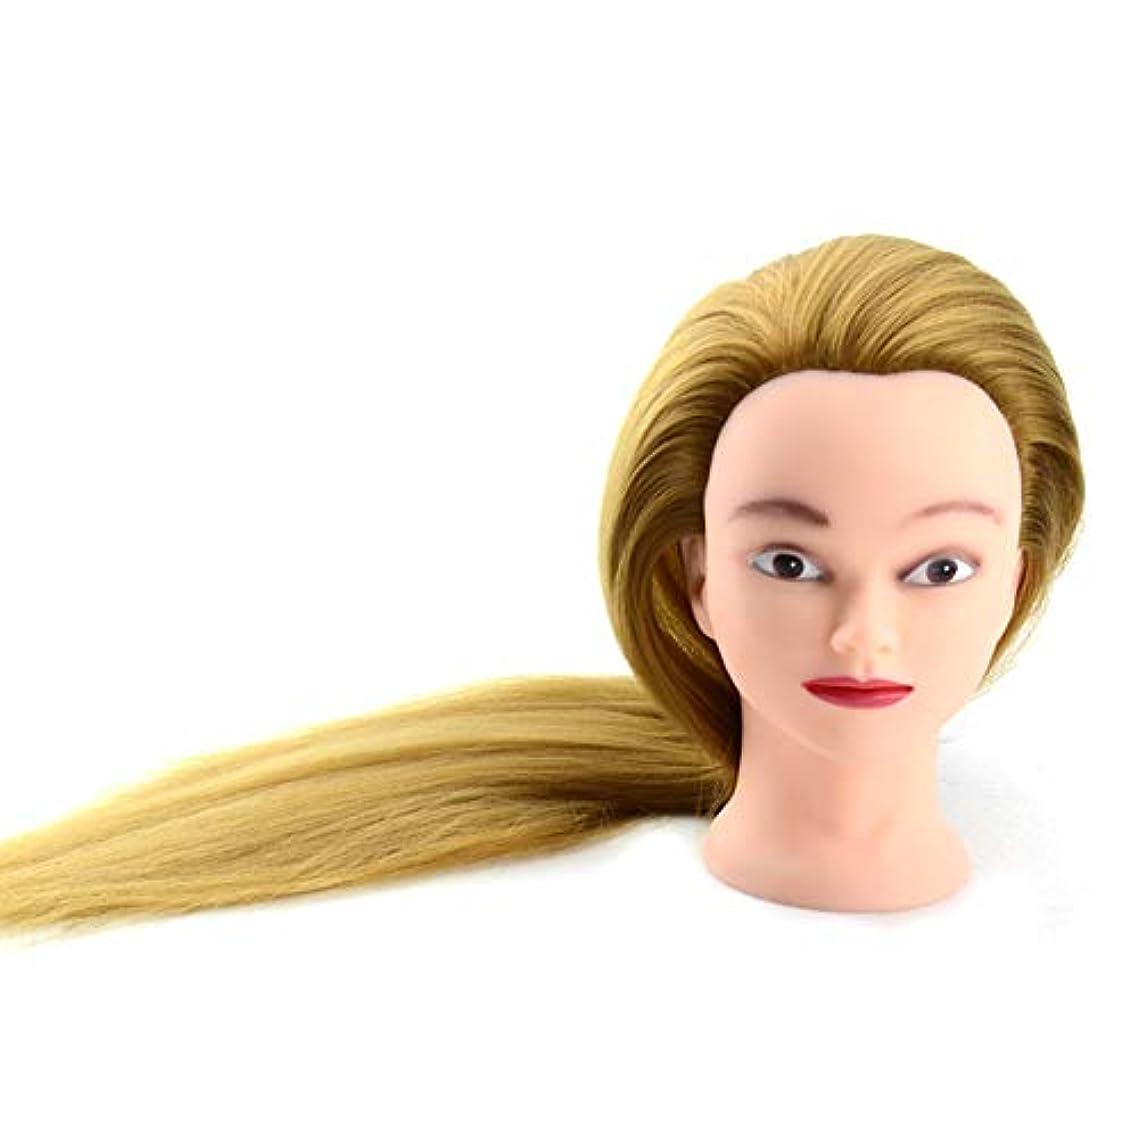 宣言と遊ぶ簡単に化学繊維ウィッグヘッドモデル花嫁メイクスタイリング練習ダミーヘッドサロントリミング学習マネキンヘッド